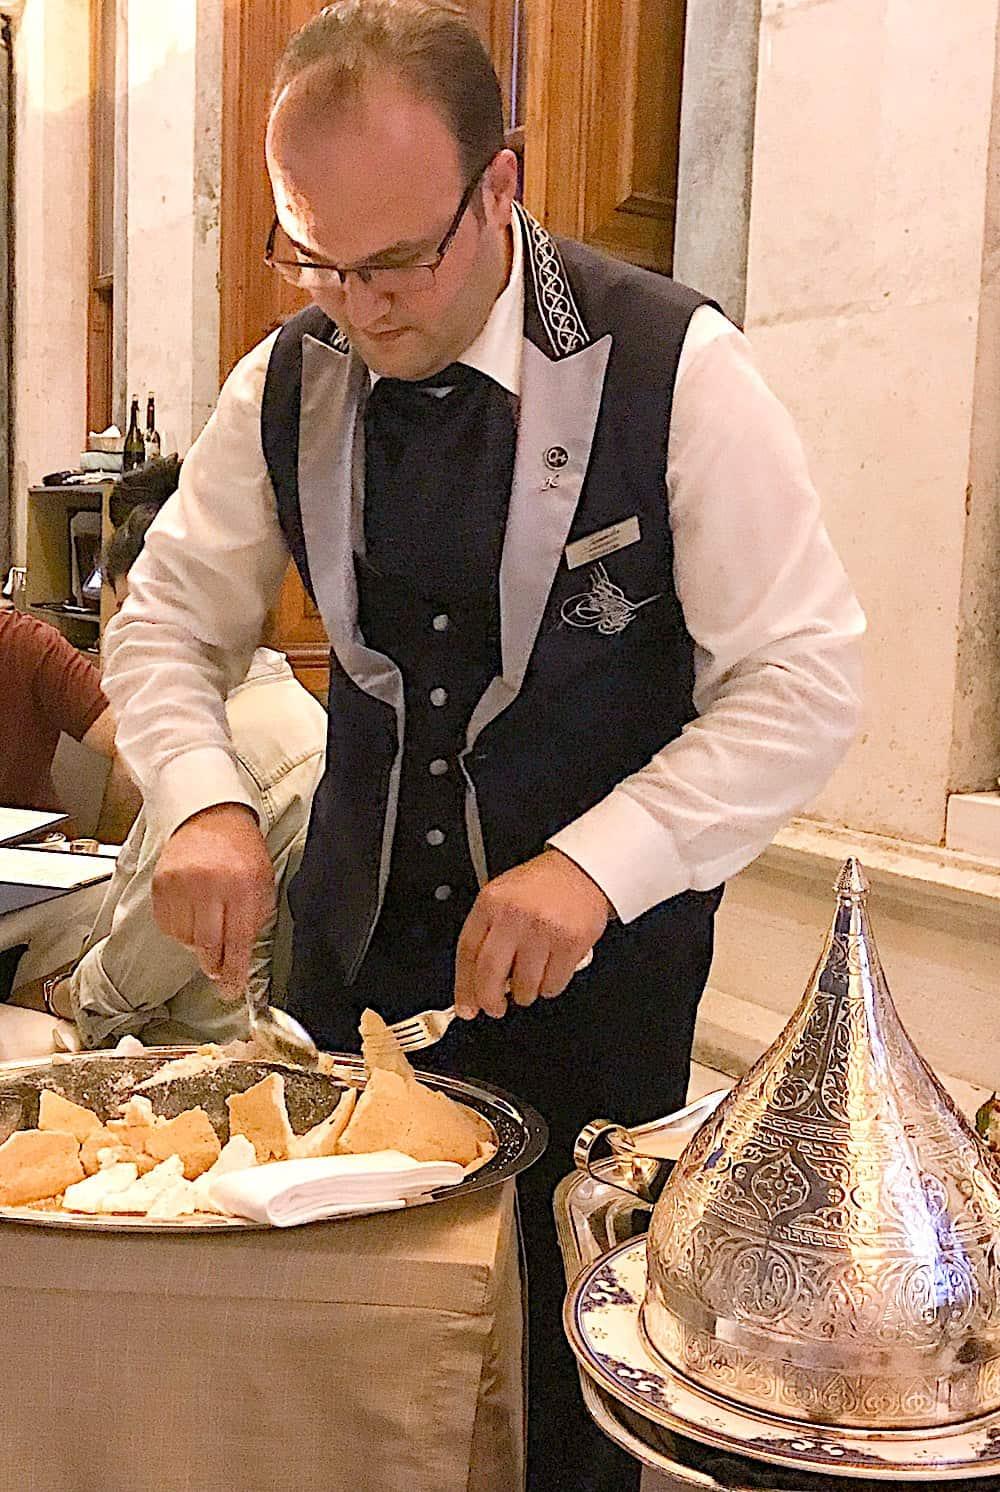 Server cutting open the sea bass in rock salt dough.